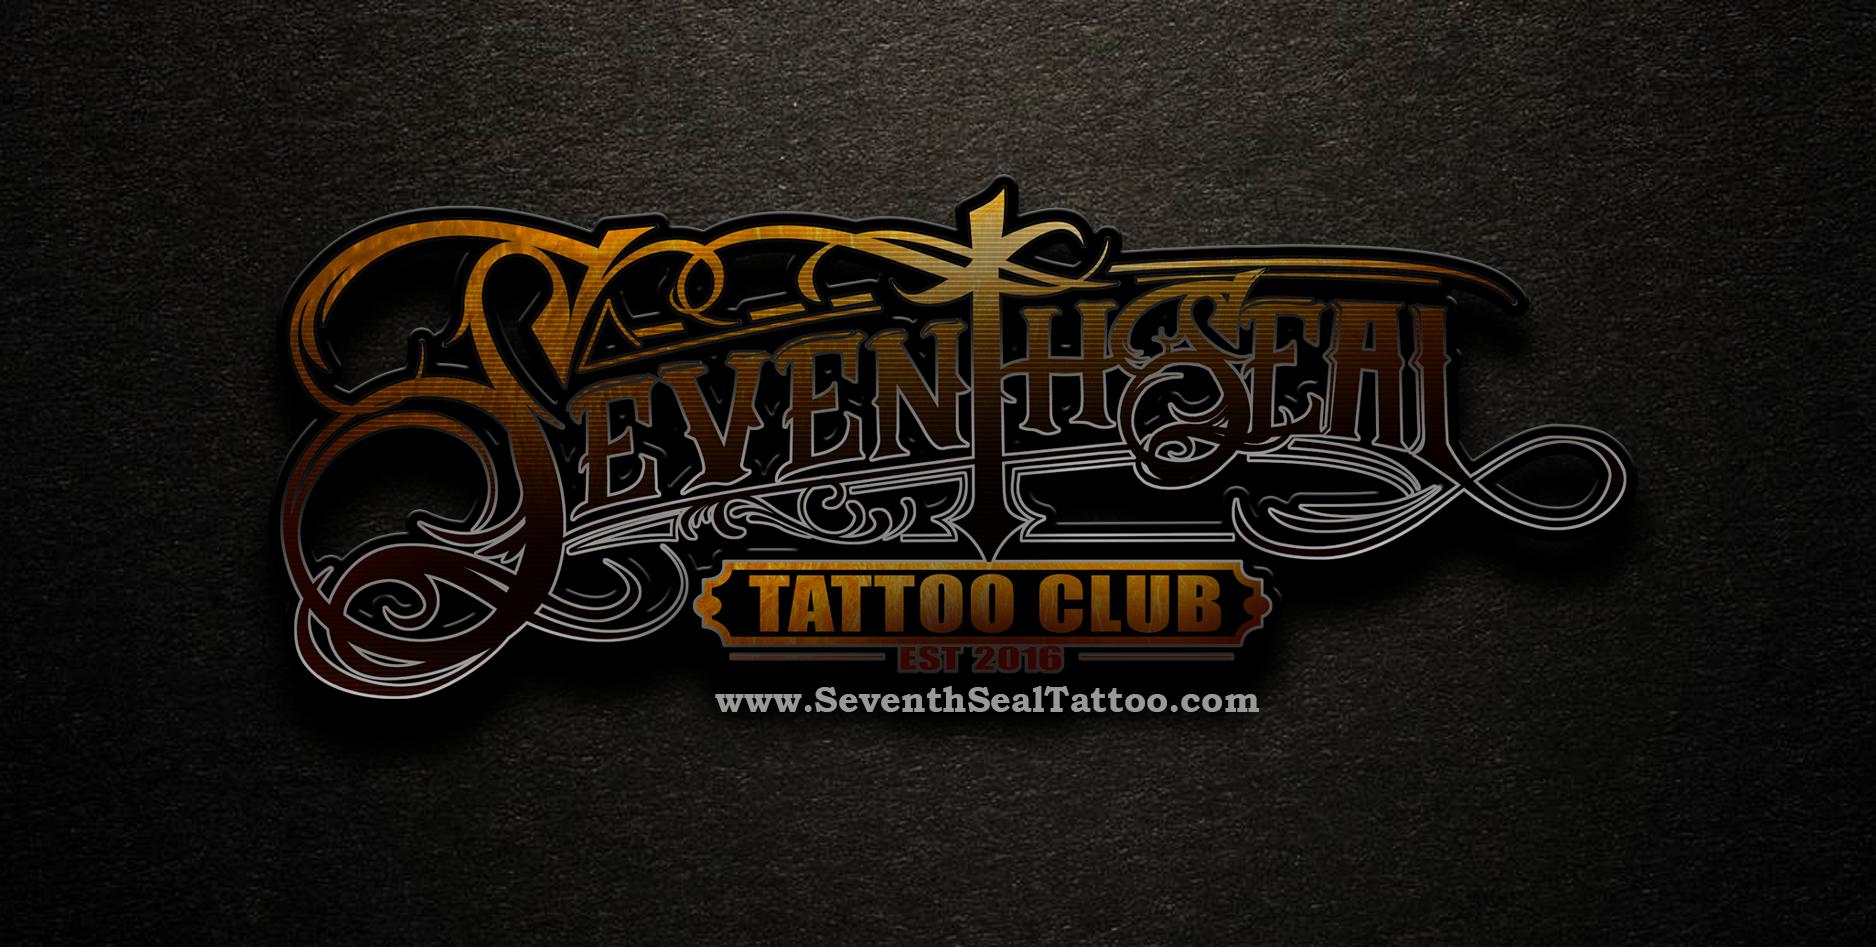 Seventh Seal Tattoo Club / Tattoo shop / Panama City / Best of Bay